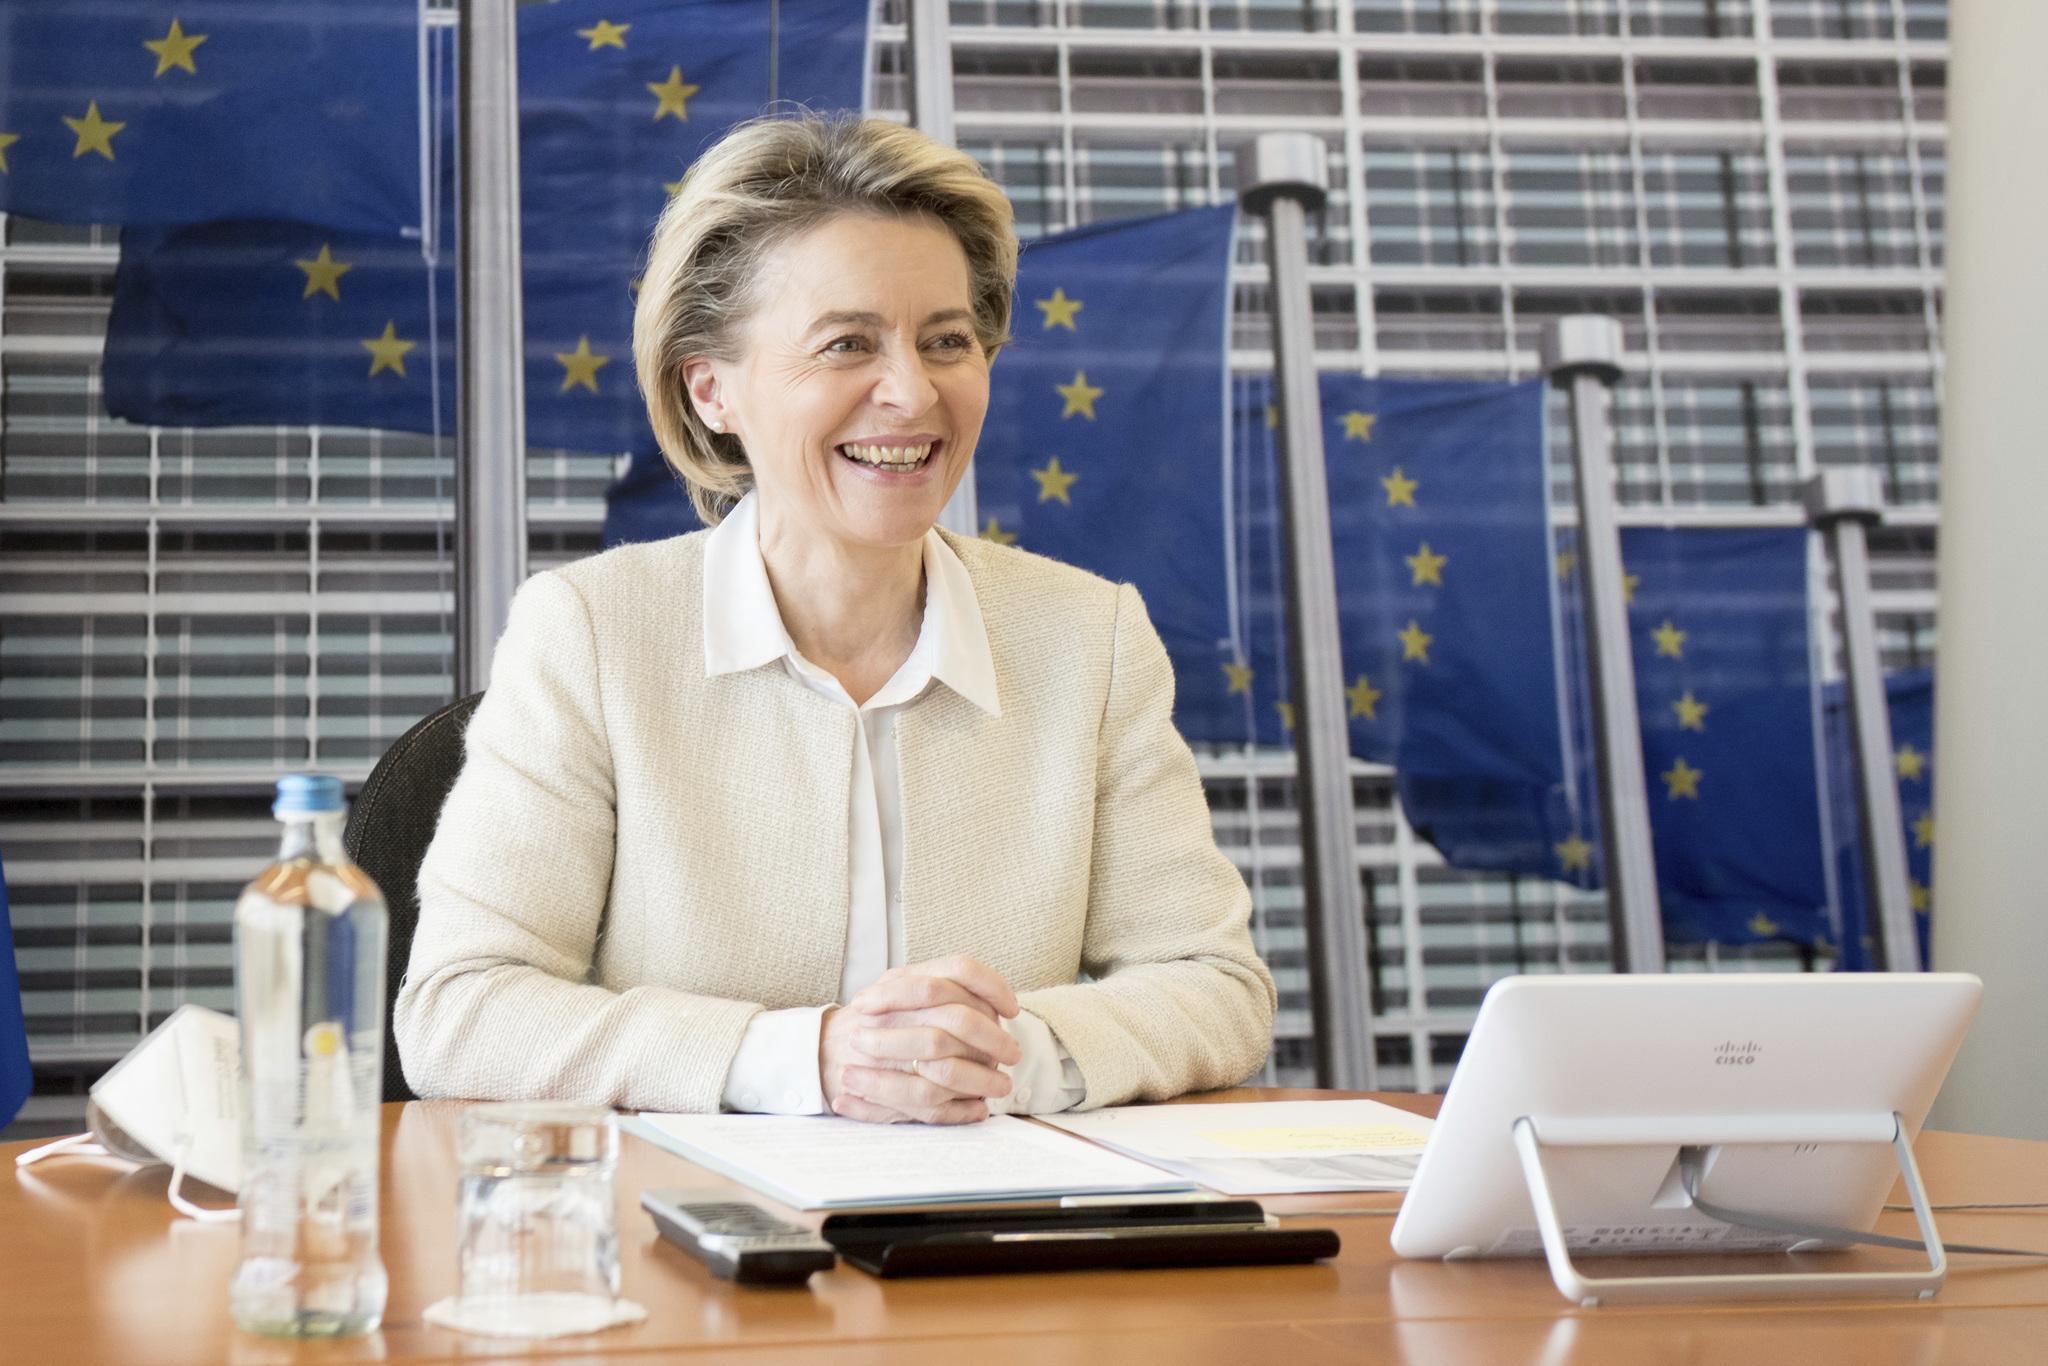 La presidenta de la Comisión Europa, Ursula von der Leyen.